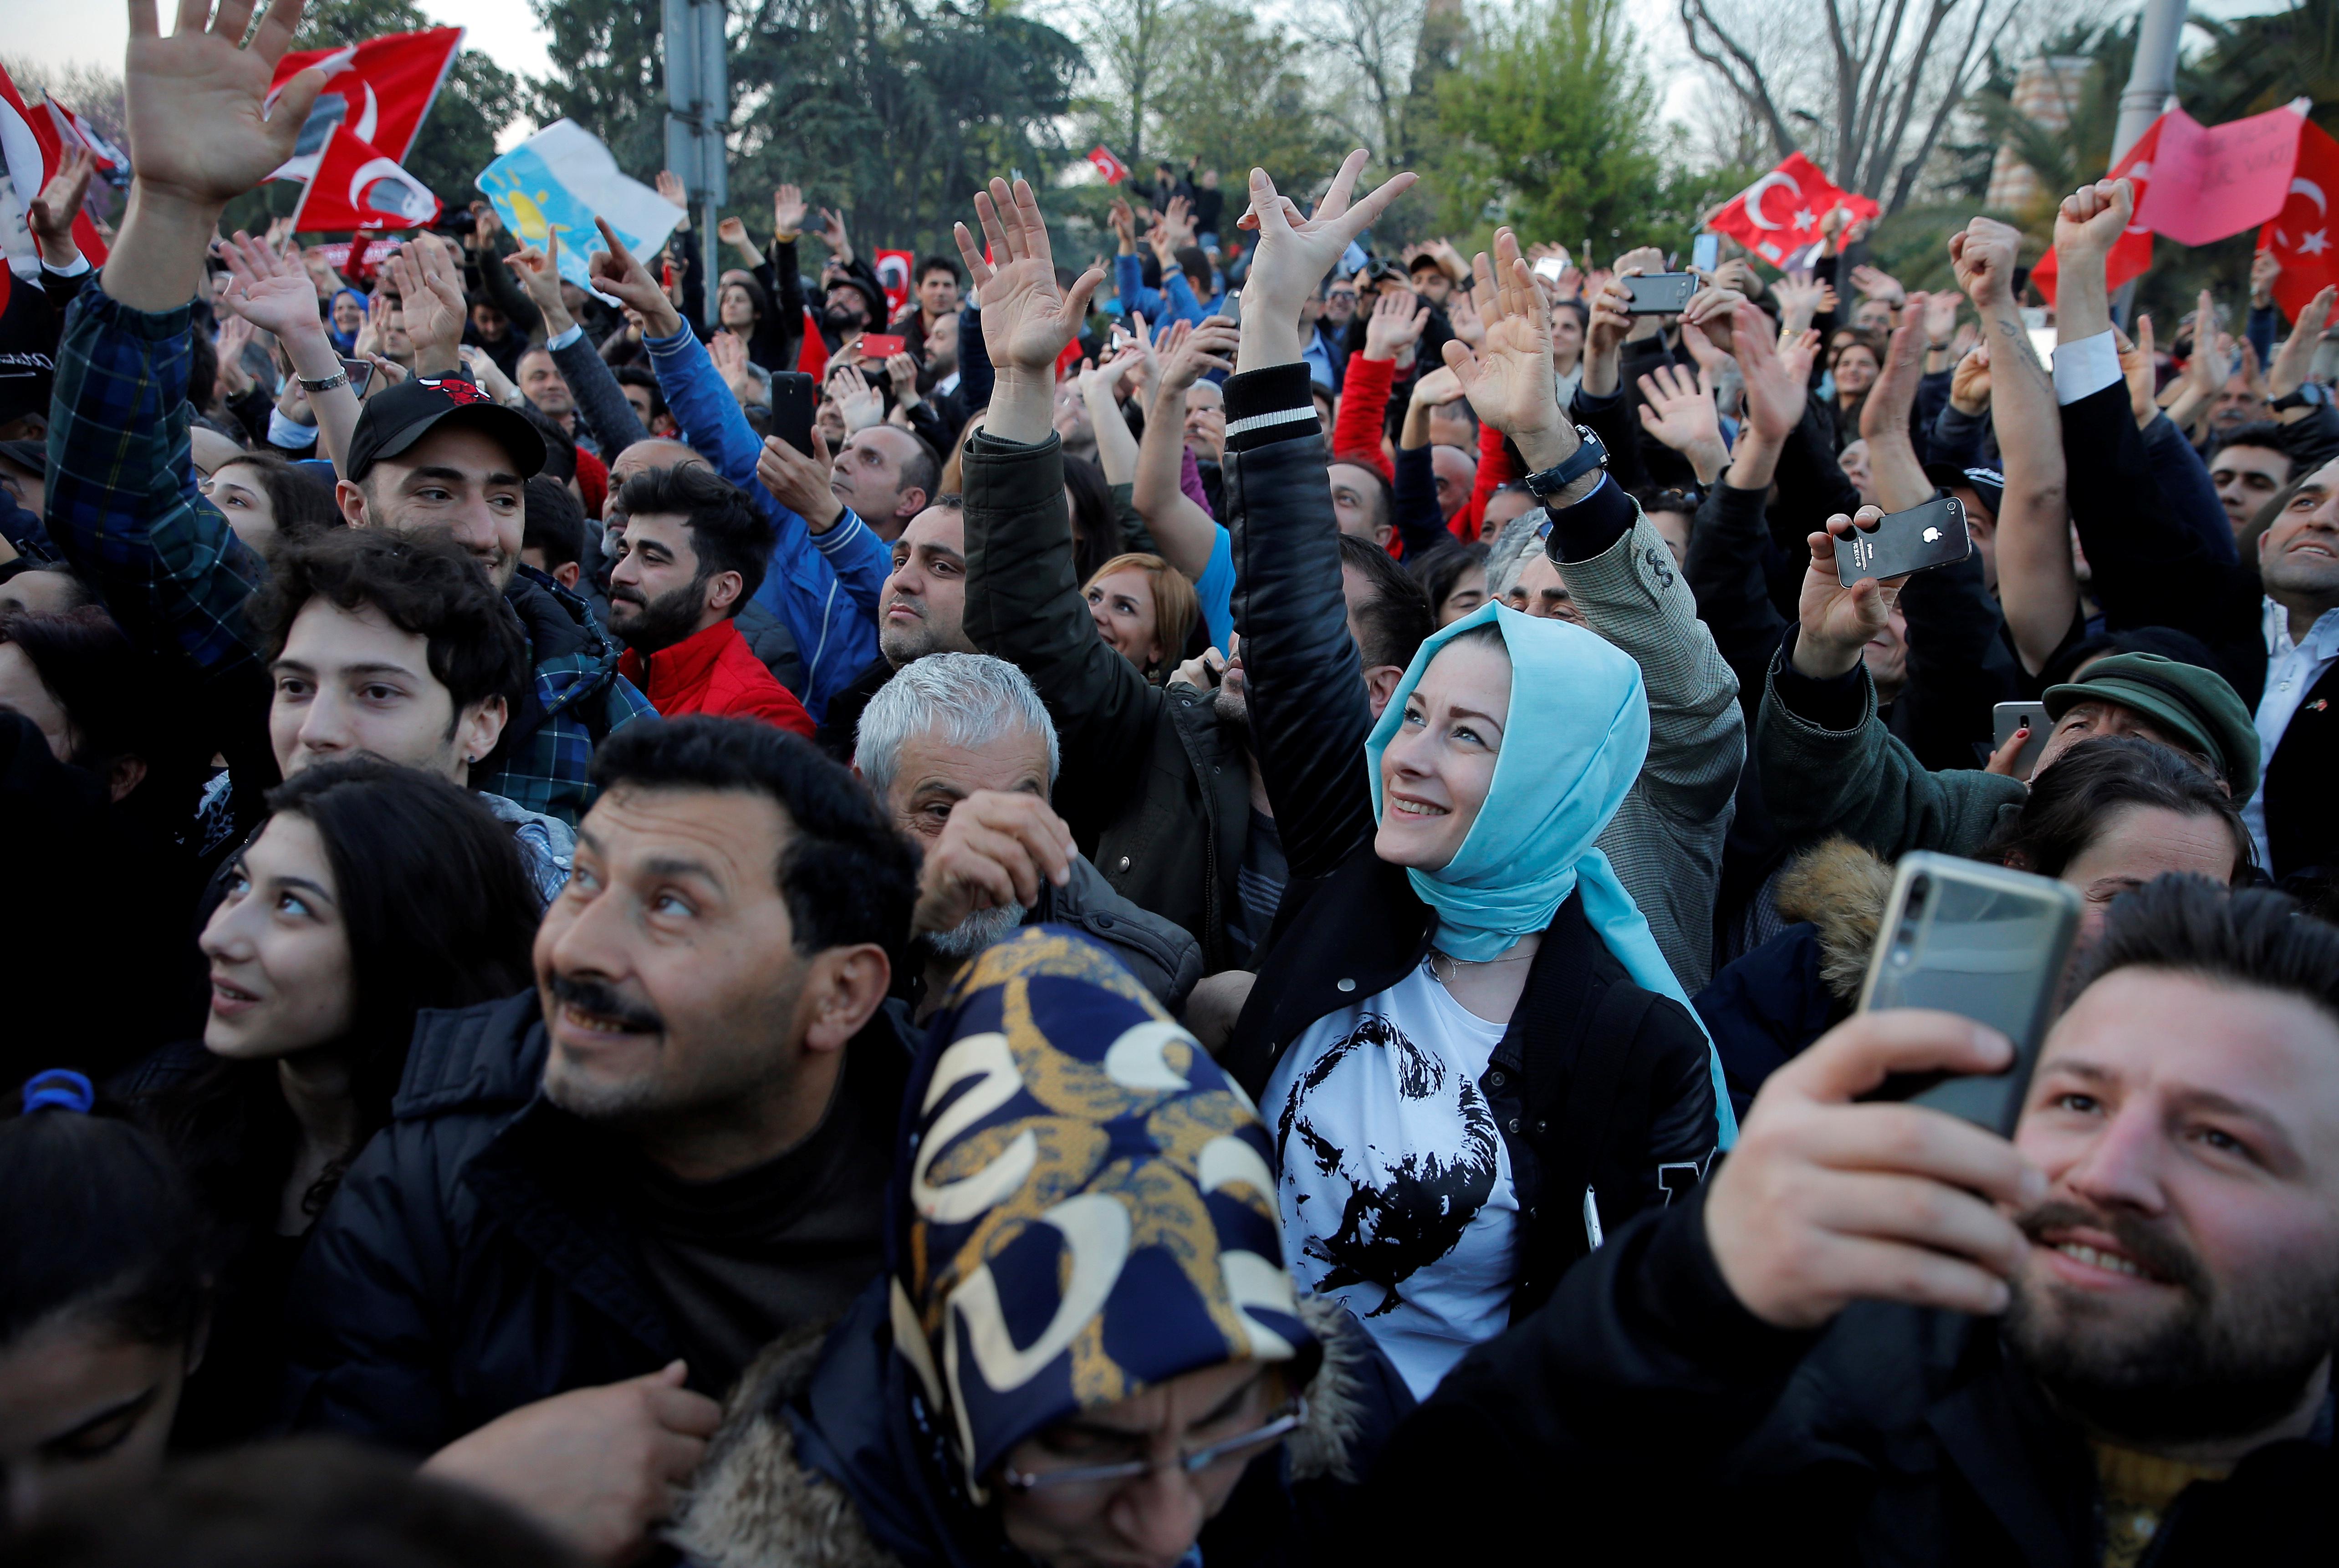 احتفالات اسطنبول بفوز مرشح المعارضة على حساب الحزب الحاكم (8)